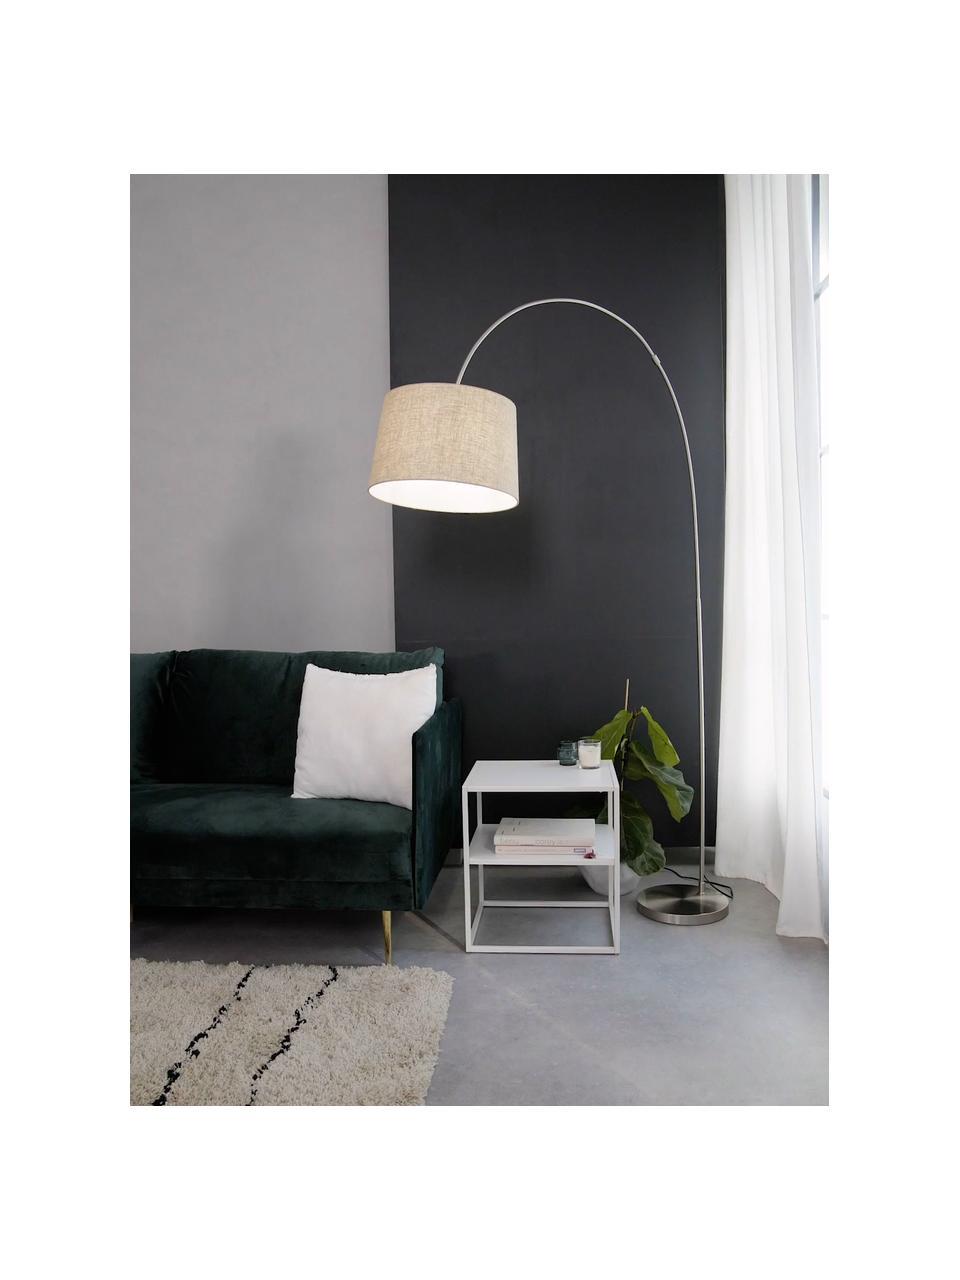 Grote booglamp Laurence in beige, Lampenkap: katoenmix, Lampvoet: geborsteld metaal, Beige, zilverkleurig, Ø 40 x H 188 cm